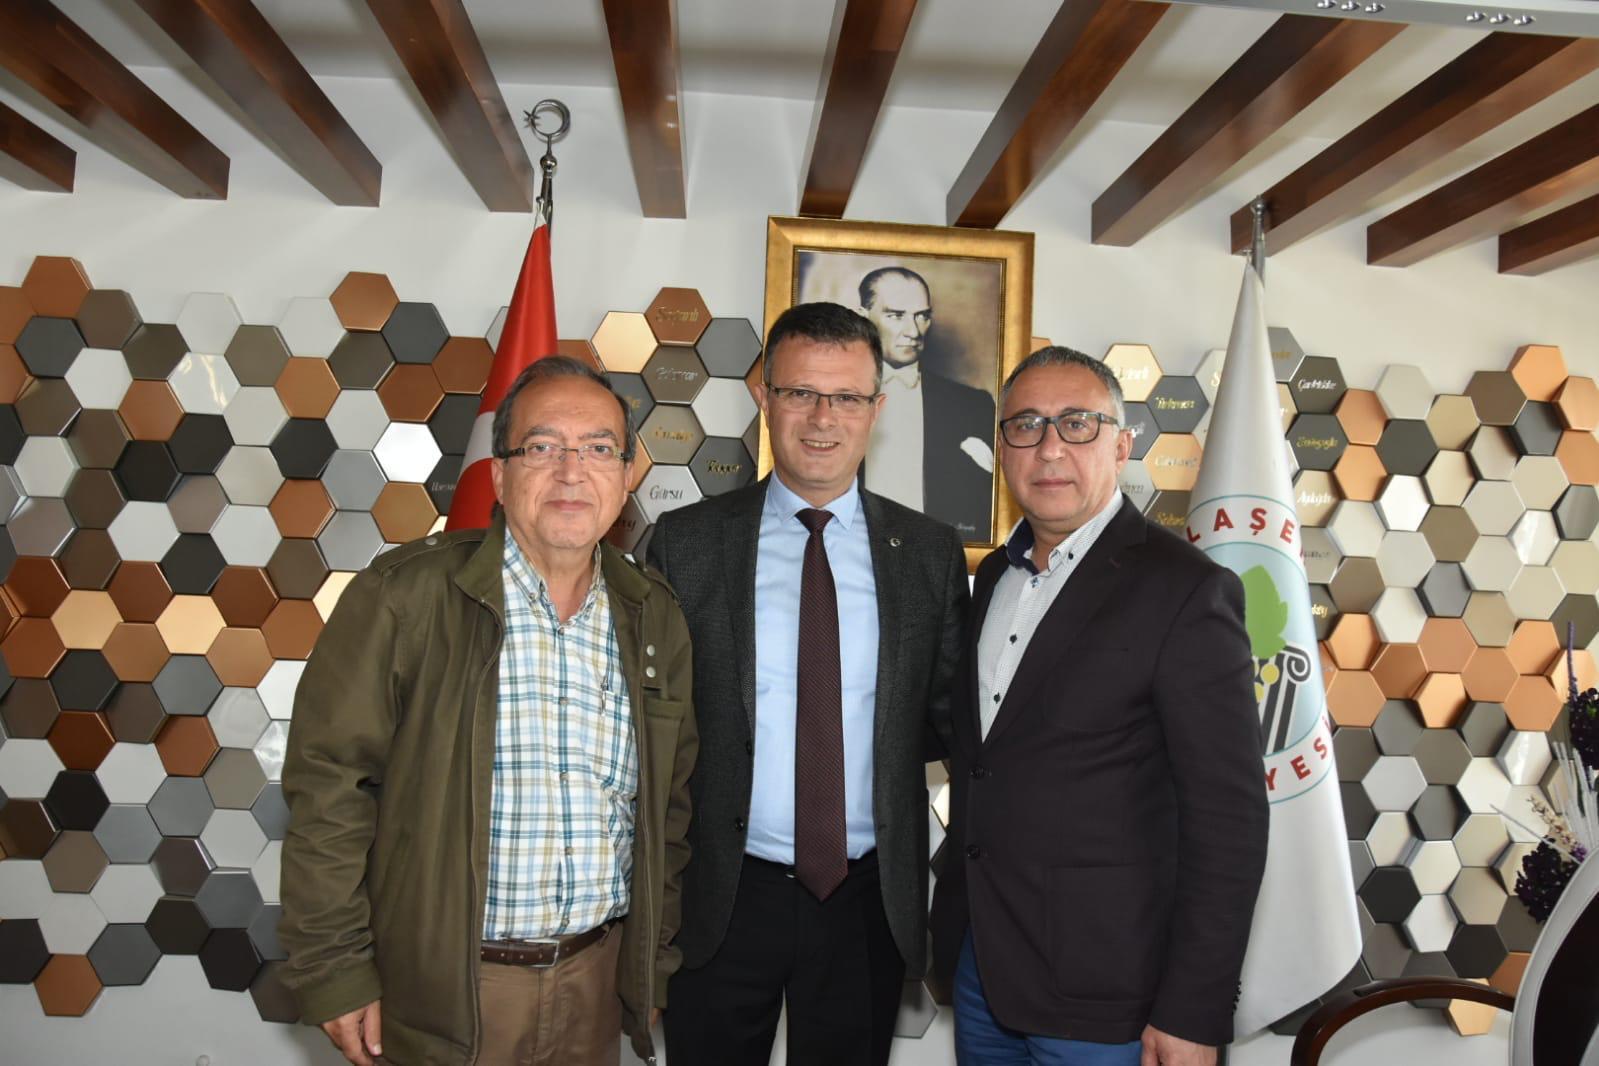 Mehmet Şakir Örs, Ahmet Öküzcüoğlu (Alaşehir Belediye Başkanı), Ahmet Akgündüz (CHP Alaşehir İlçe Başkanı)